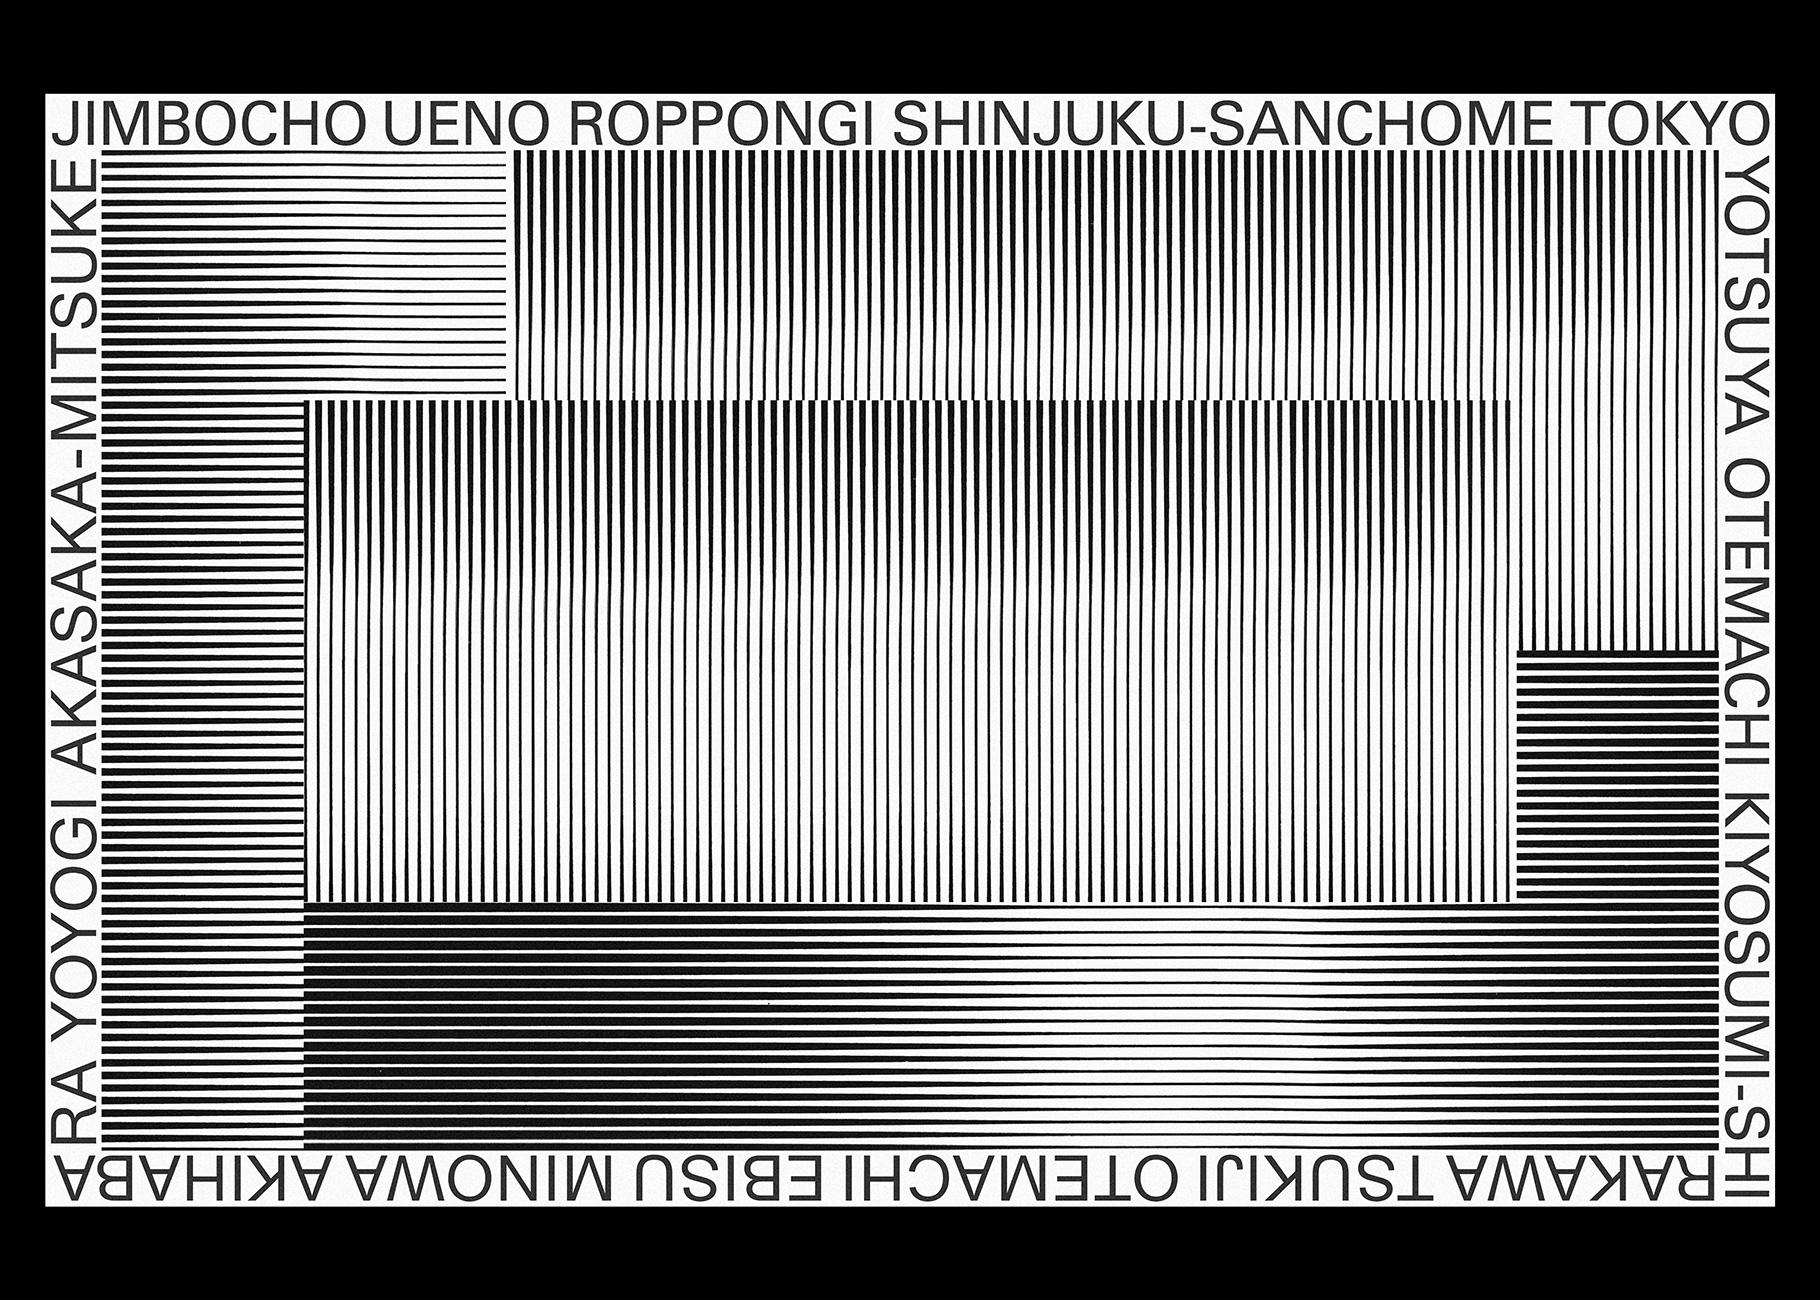 Fuyuu Underground Poster 2014 / Kasper-Florio  (3)